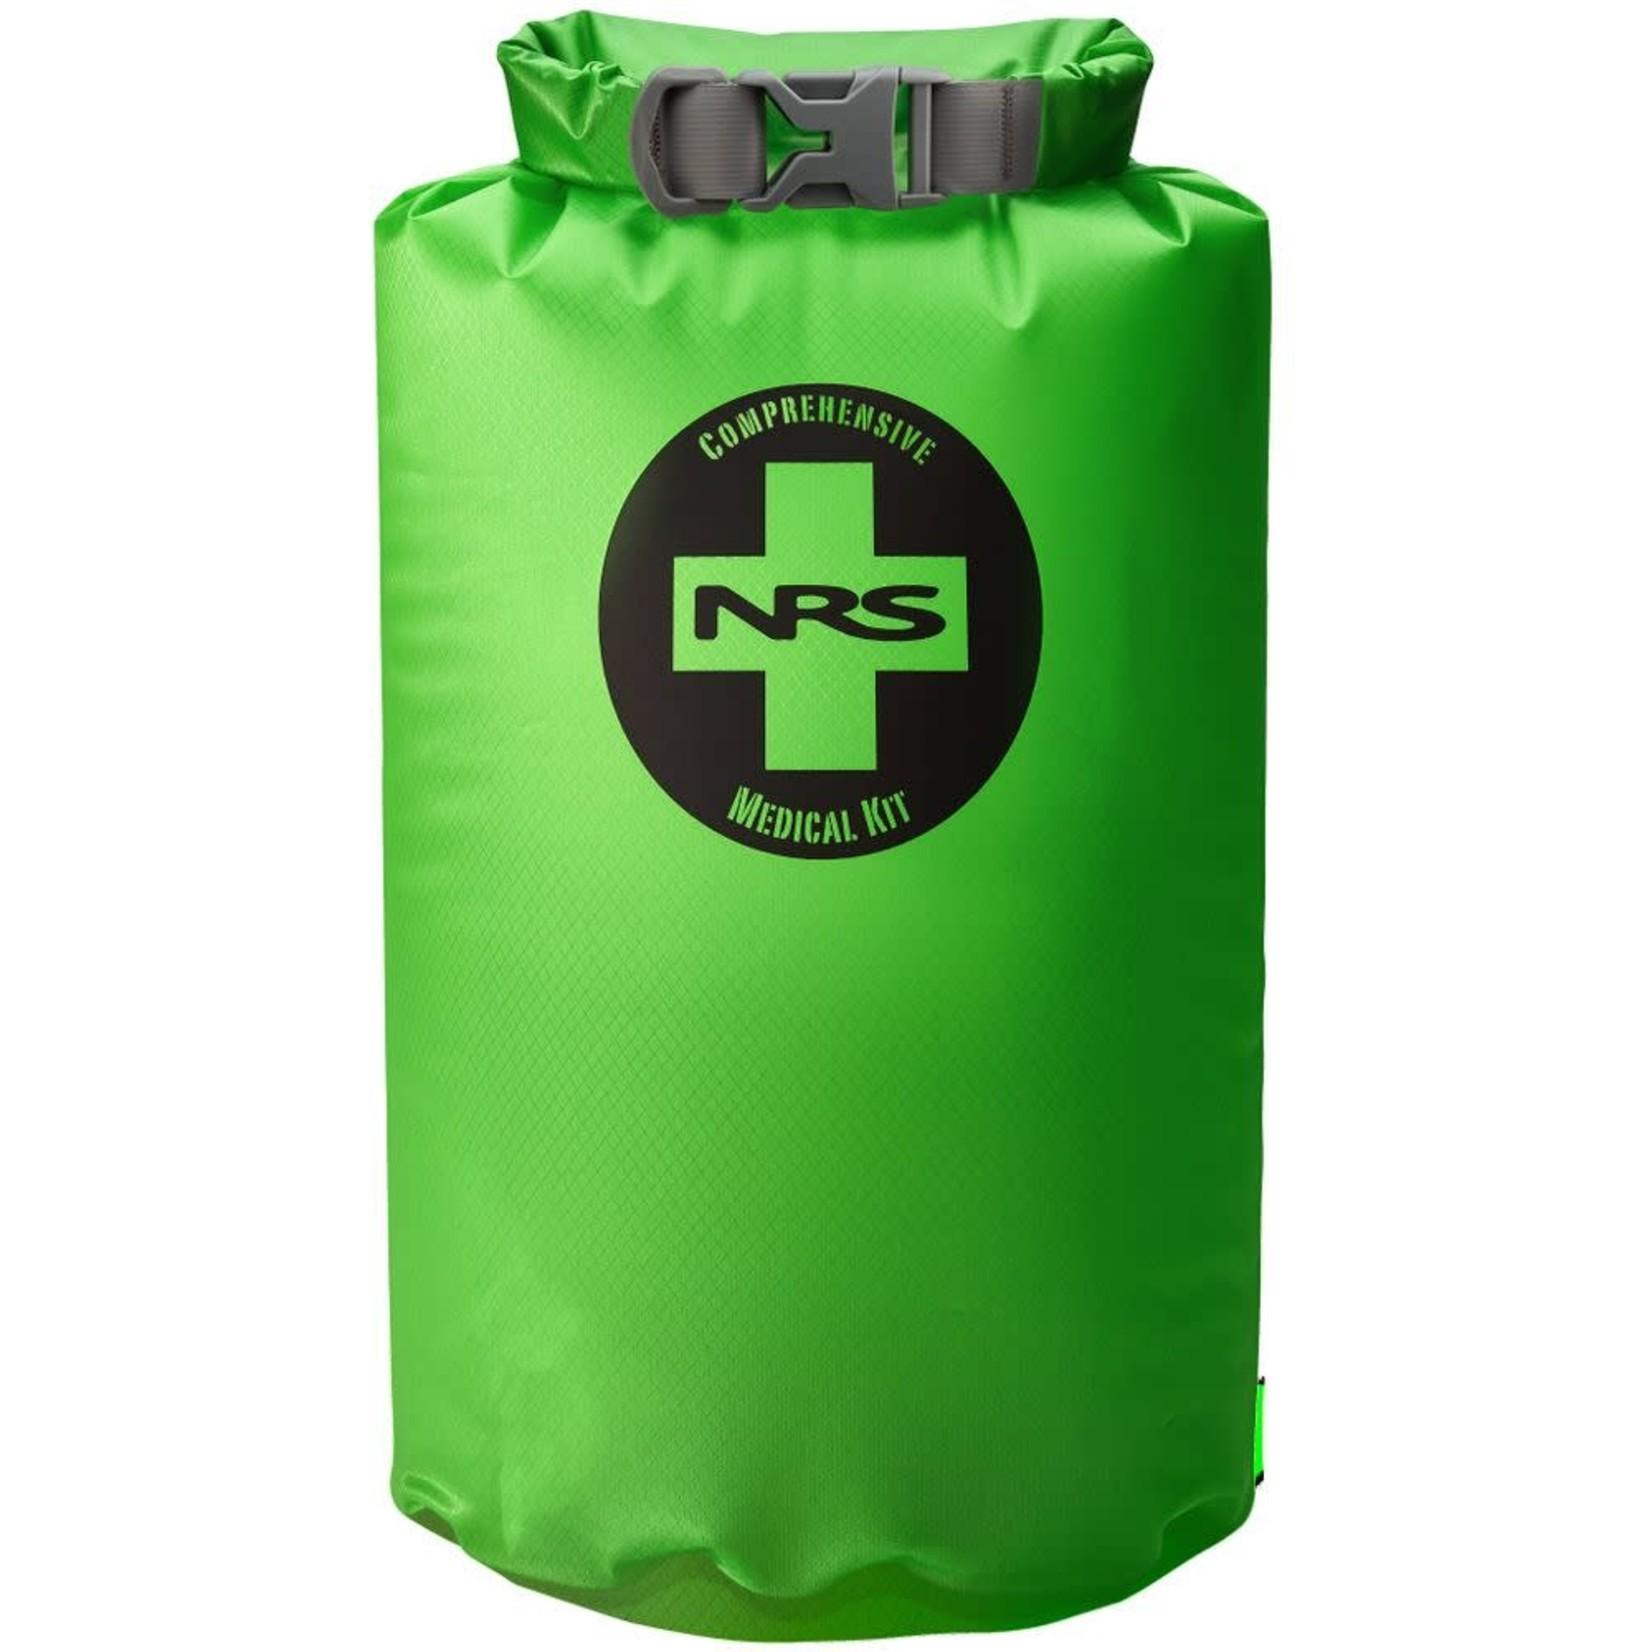 NRS NRS Comprehensive Medical Kit